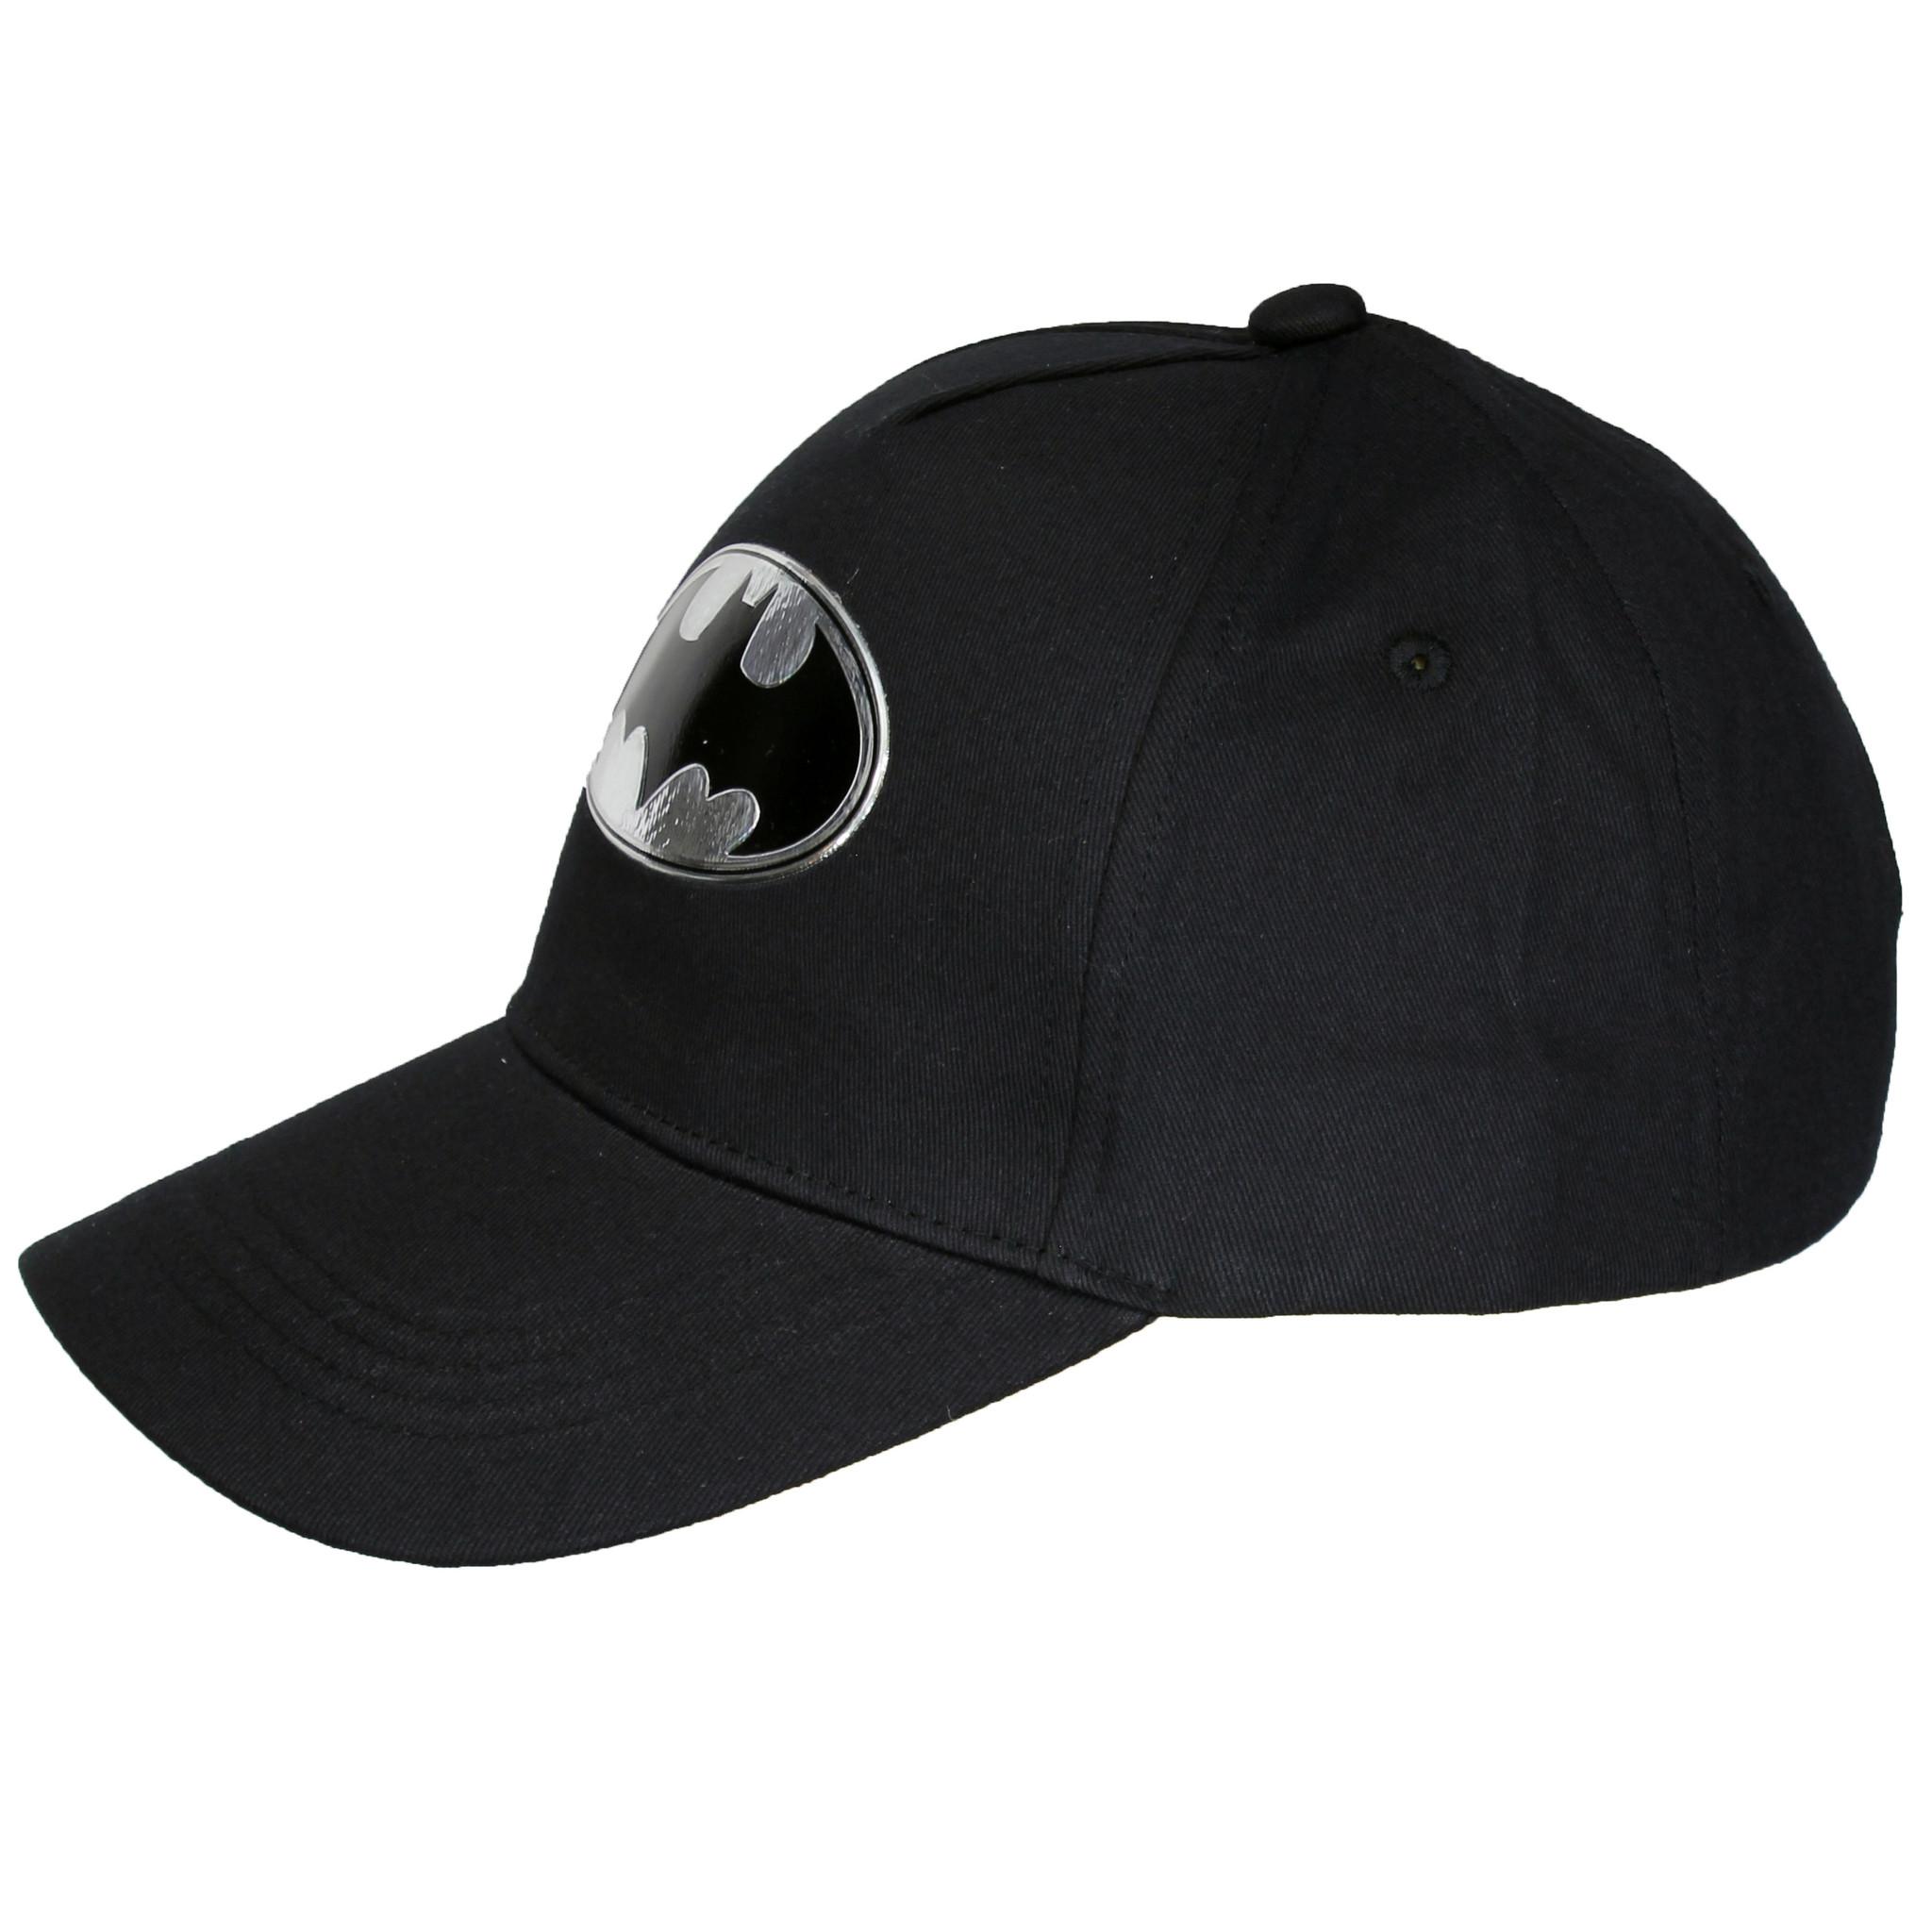 Batman DC Comics Batman Baseball Cap Black / Silver